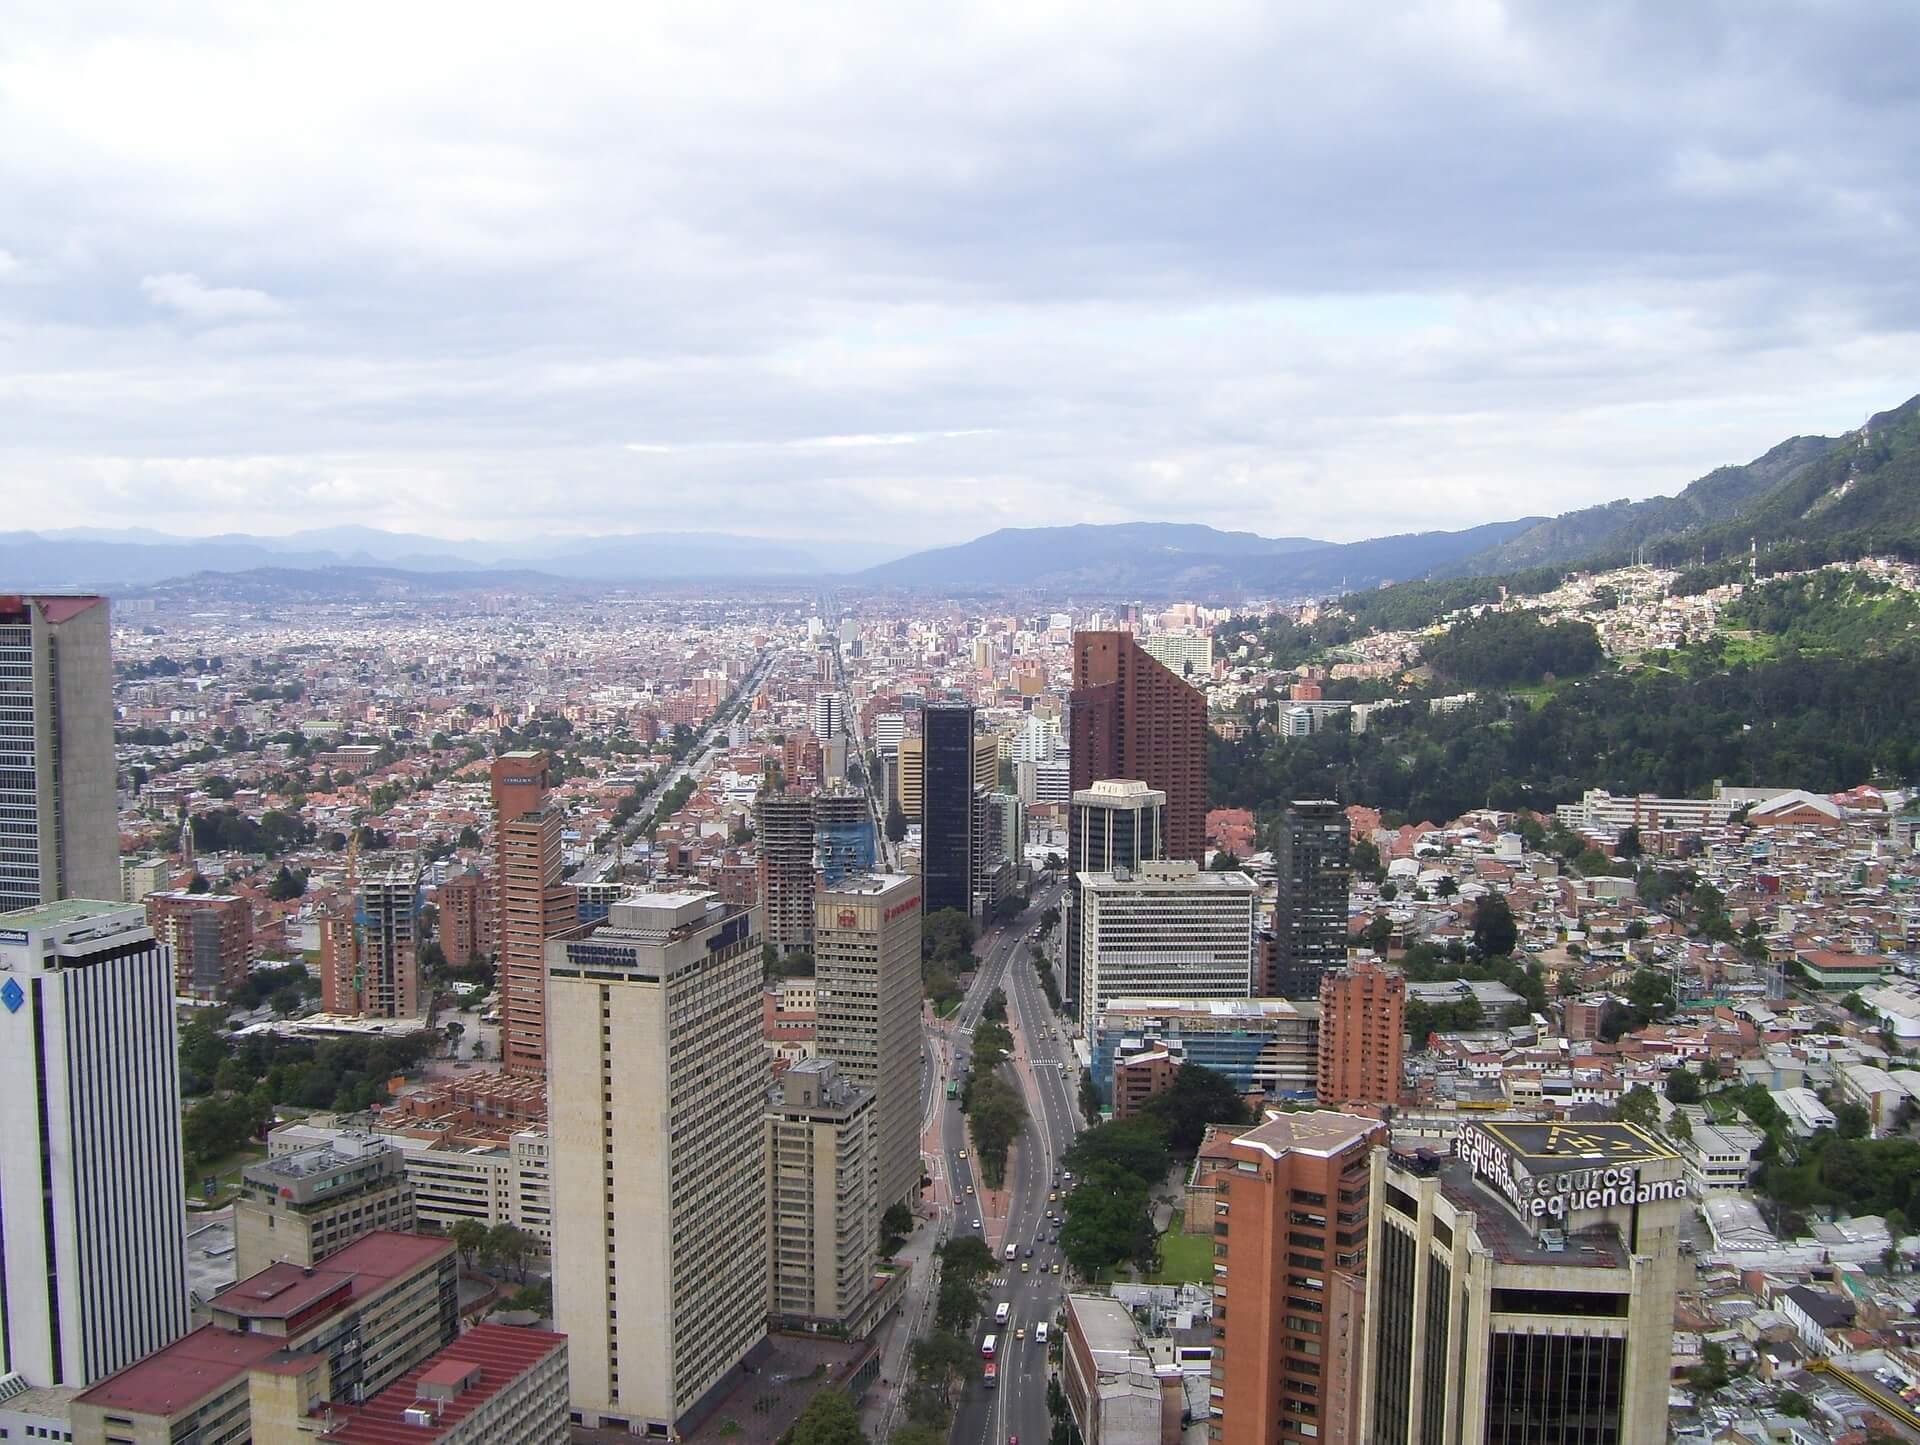 Colombia anuncia el nuevo modelo de validación previa y el protocolo UBL 2.1 para su mandato de facturación electrónica